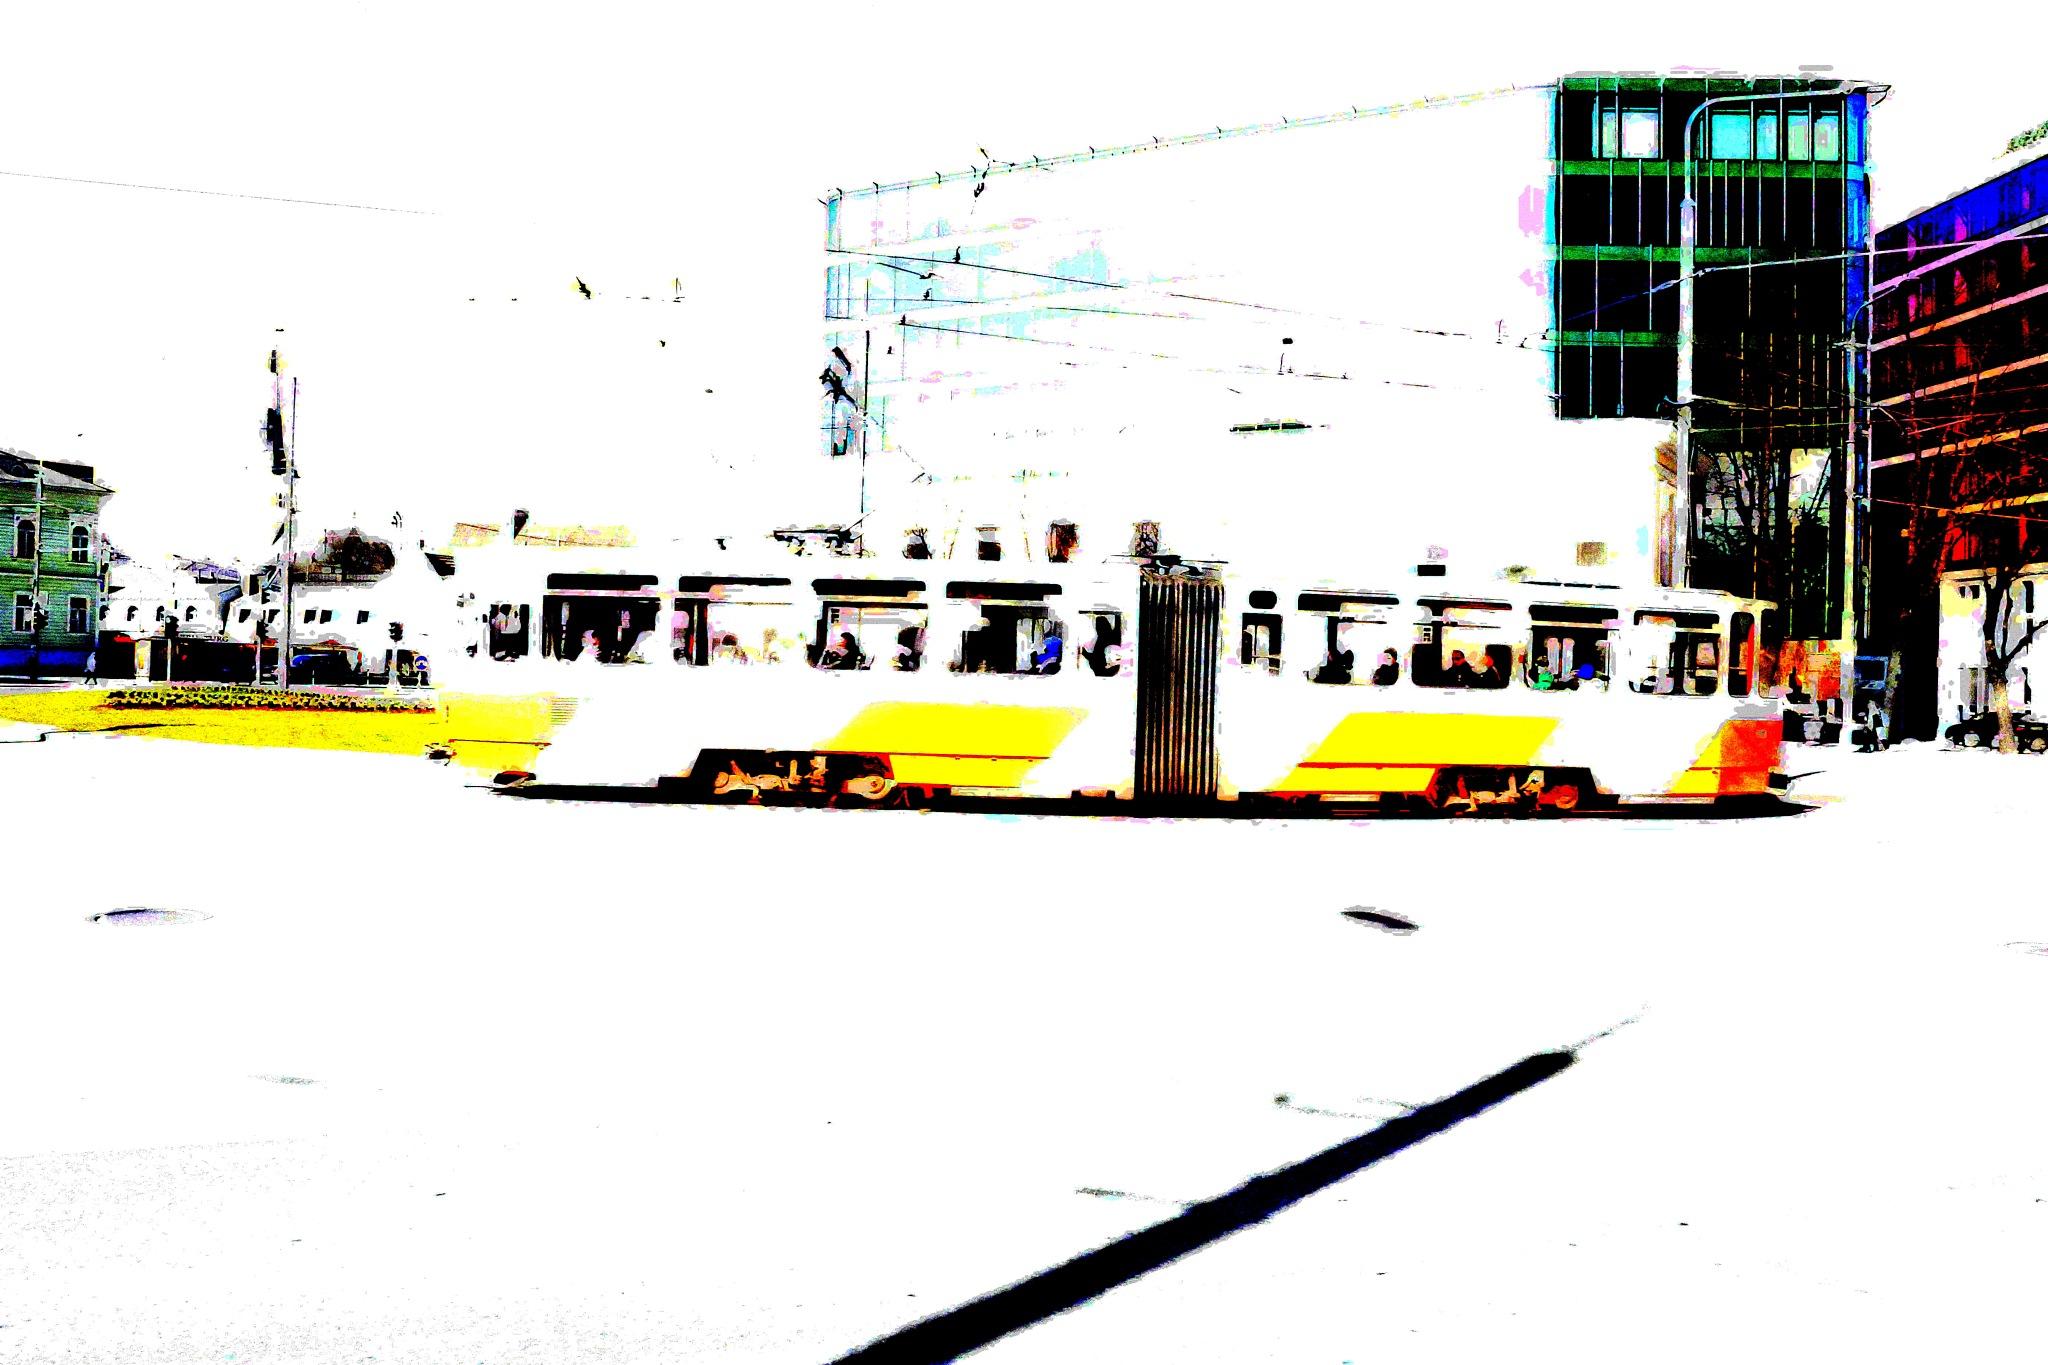 En trikk i Tallinn by Lasse Tur